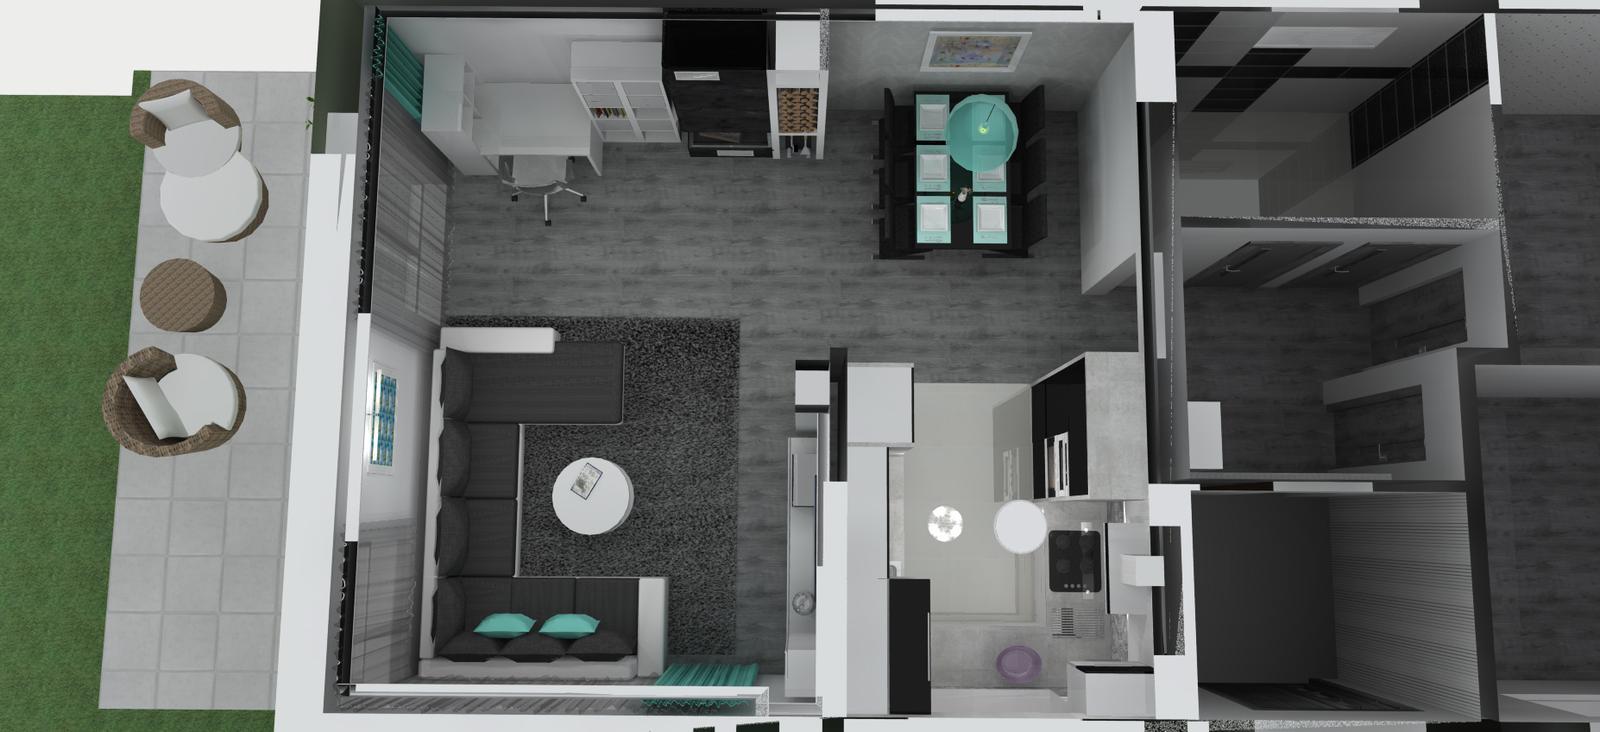 Vizky pre náš ešte nepostavený dom :-) - prvá verzia rozloženia - kuchyňa viac uzavretá